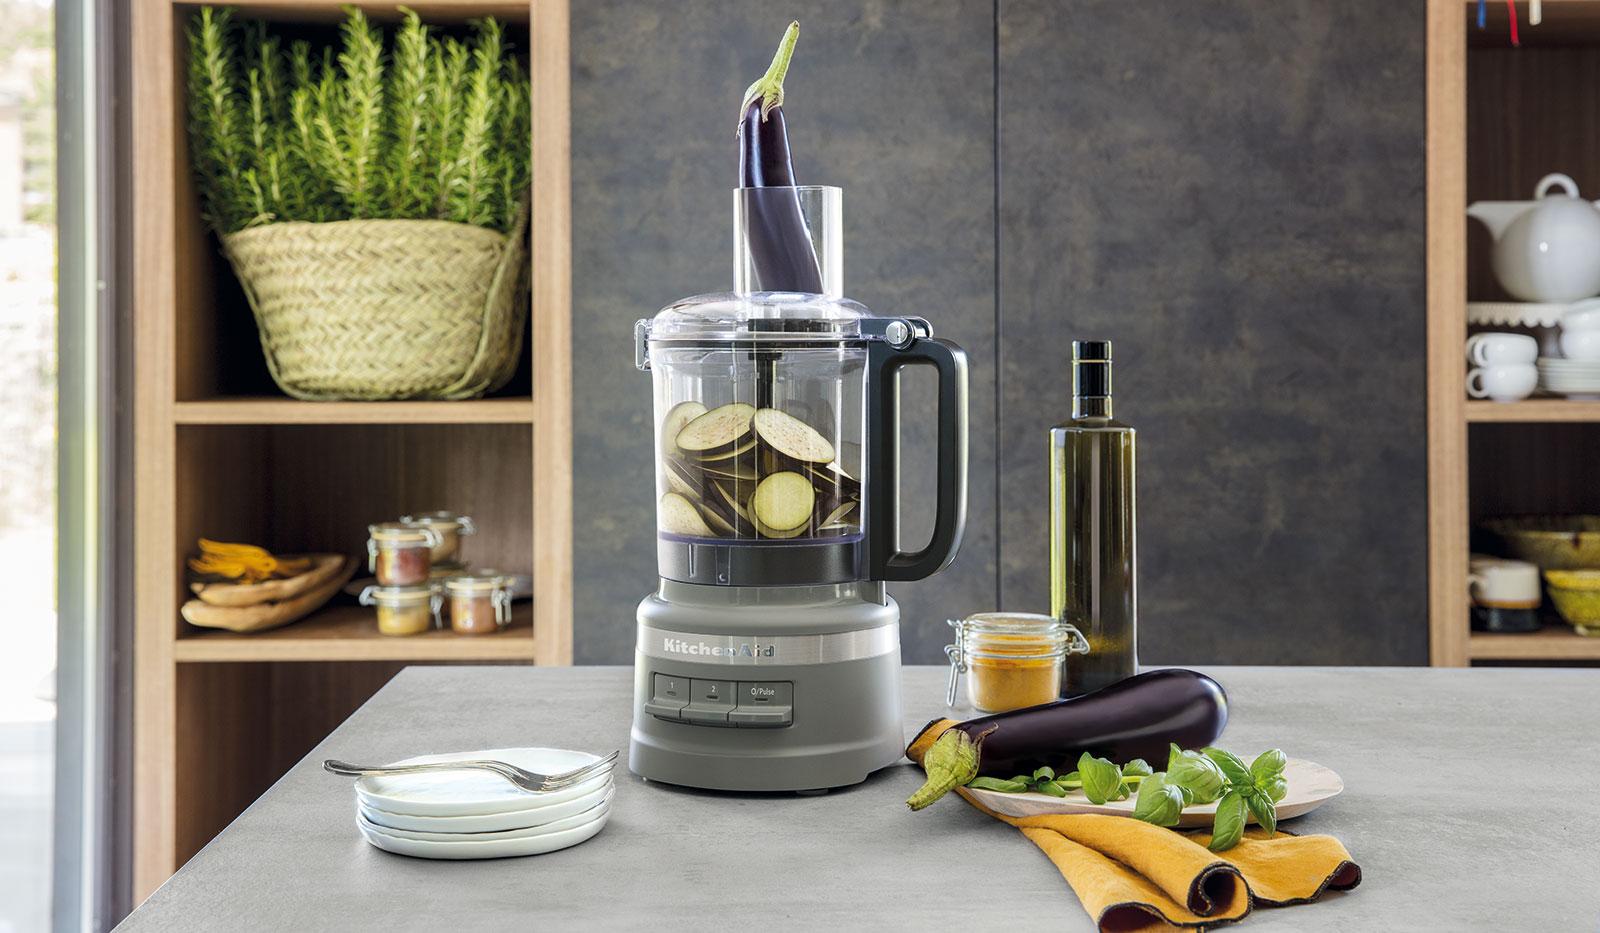 2,1 Liter Food Processor in silber von KitchenAid auf grauer Arbeitsfläche